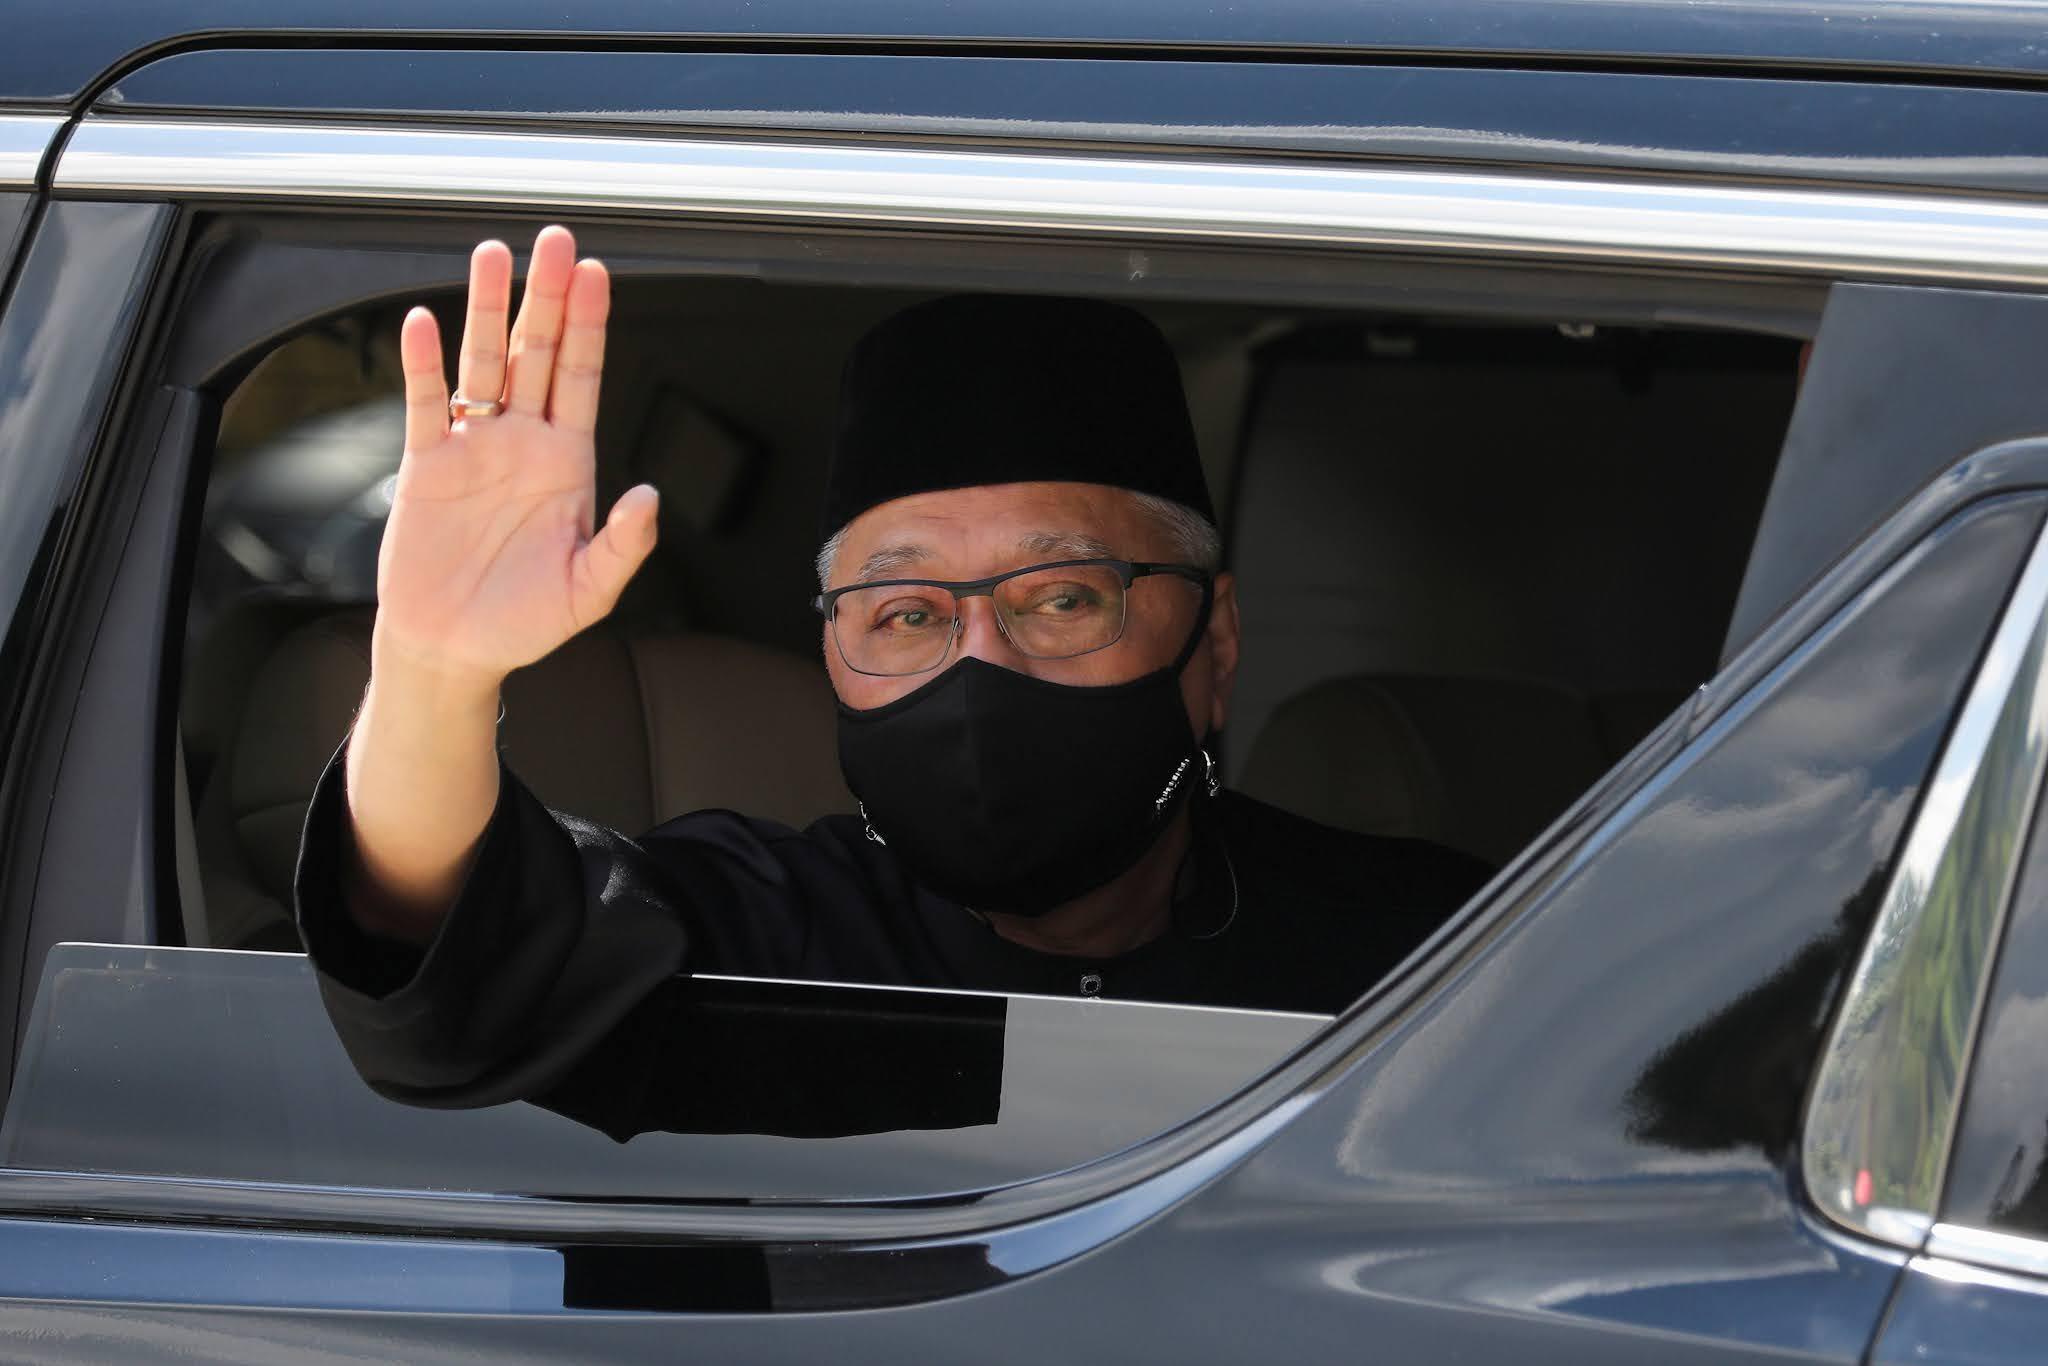 Partai Koalisi dan Oposisi Malaysia Kerjasama Tingkatkan Stabilitas Politik Selama Pandemi